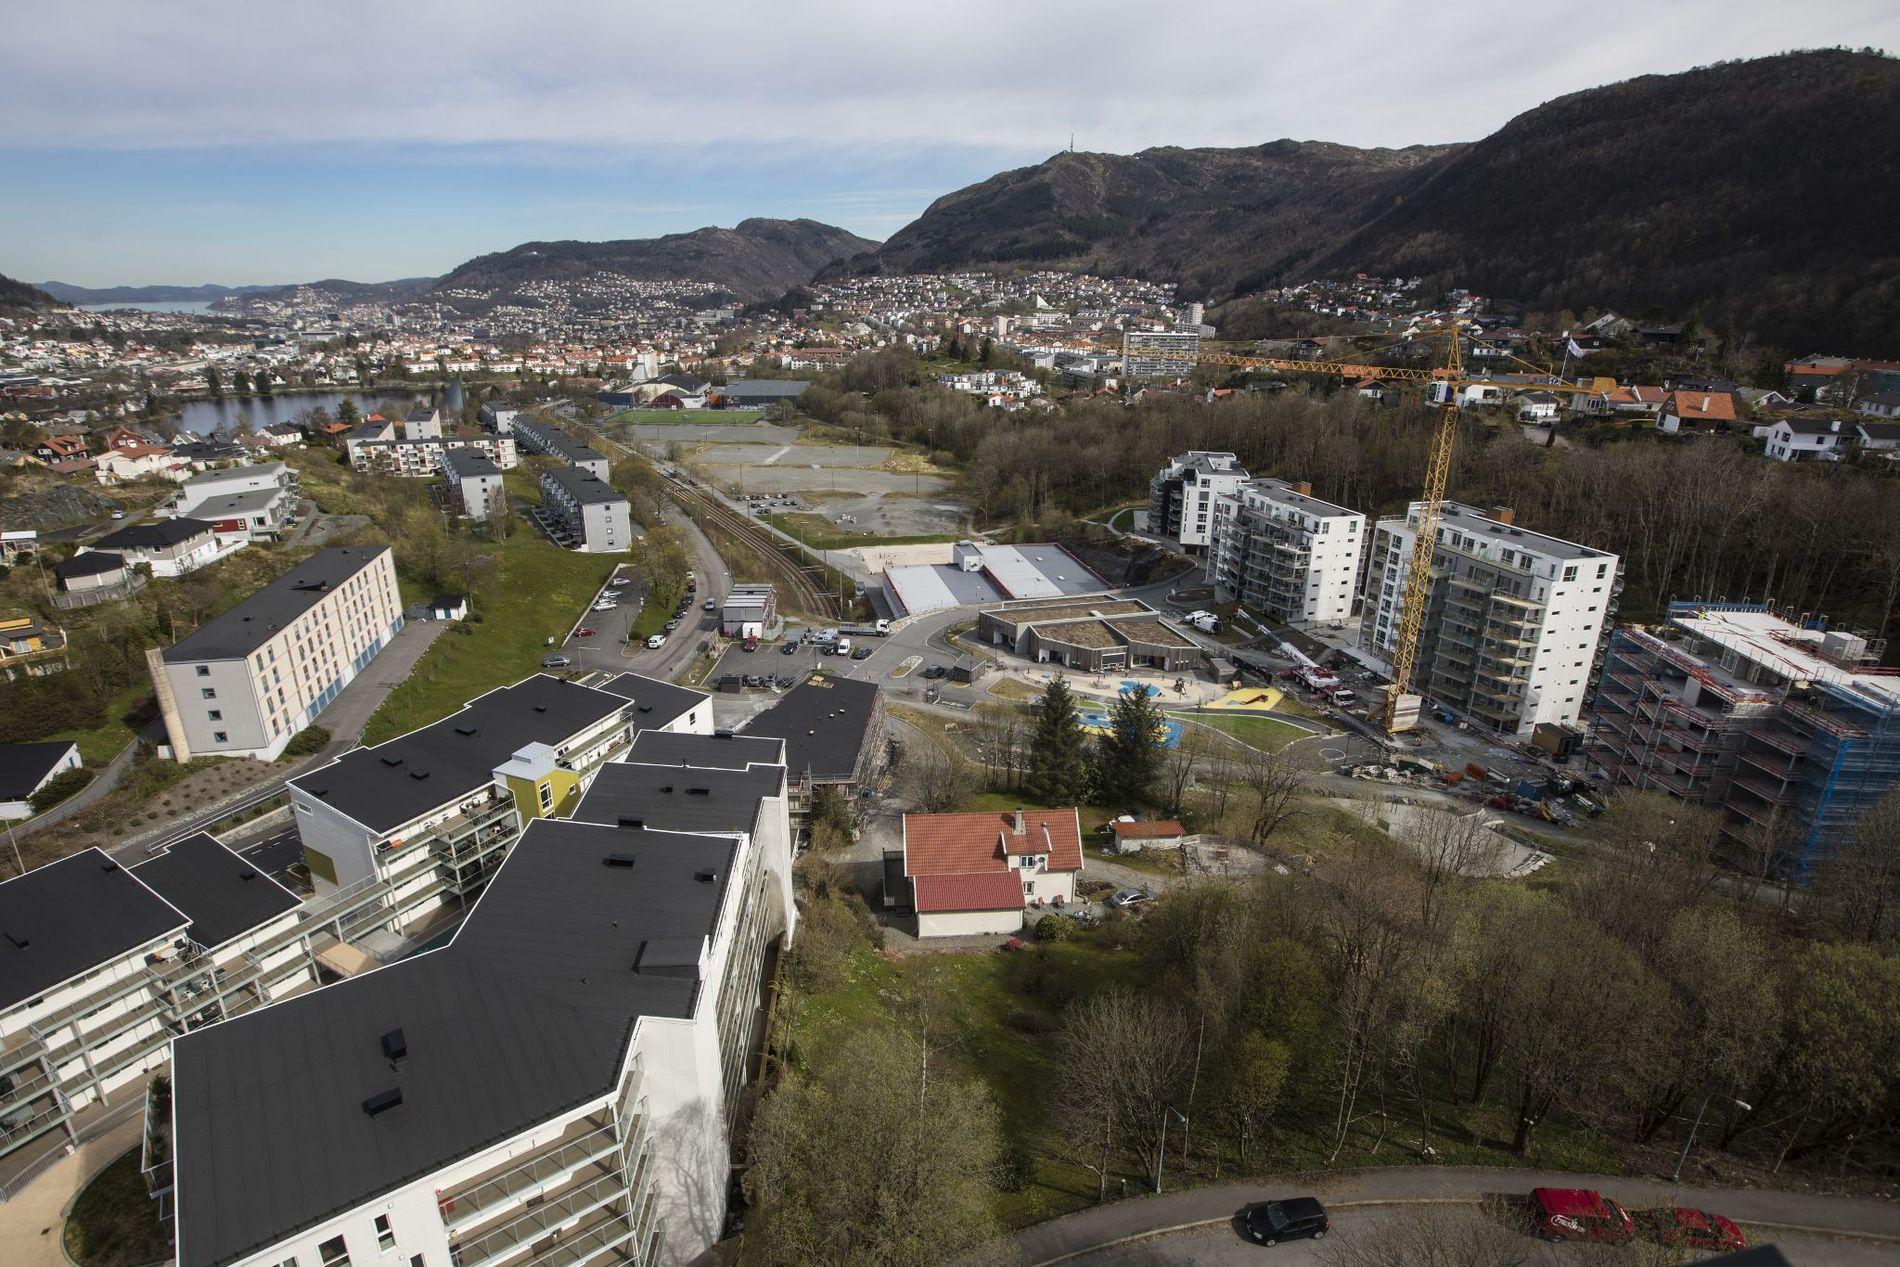 BO TETTERE: Mye videre utbygging vil måtte foregå ved at villaer med hage blir gjort om til leilighetsbygg eller andre tettere boformer, skriver innsender.